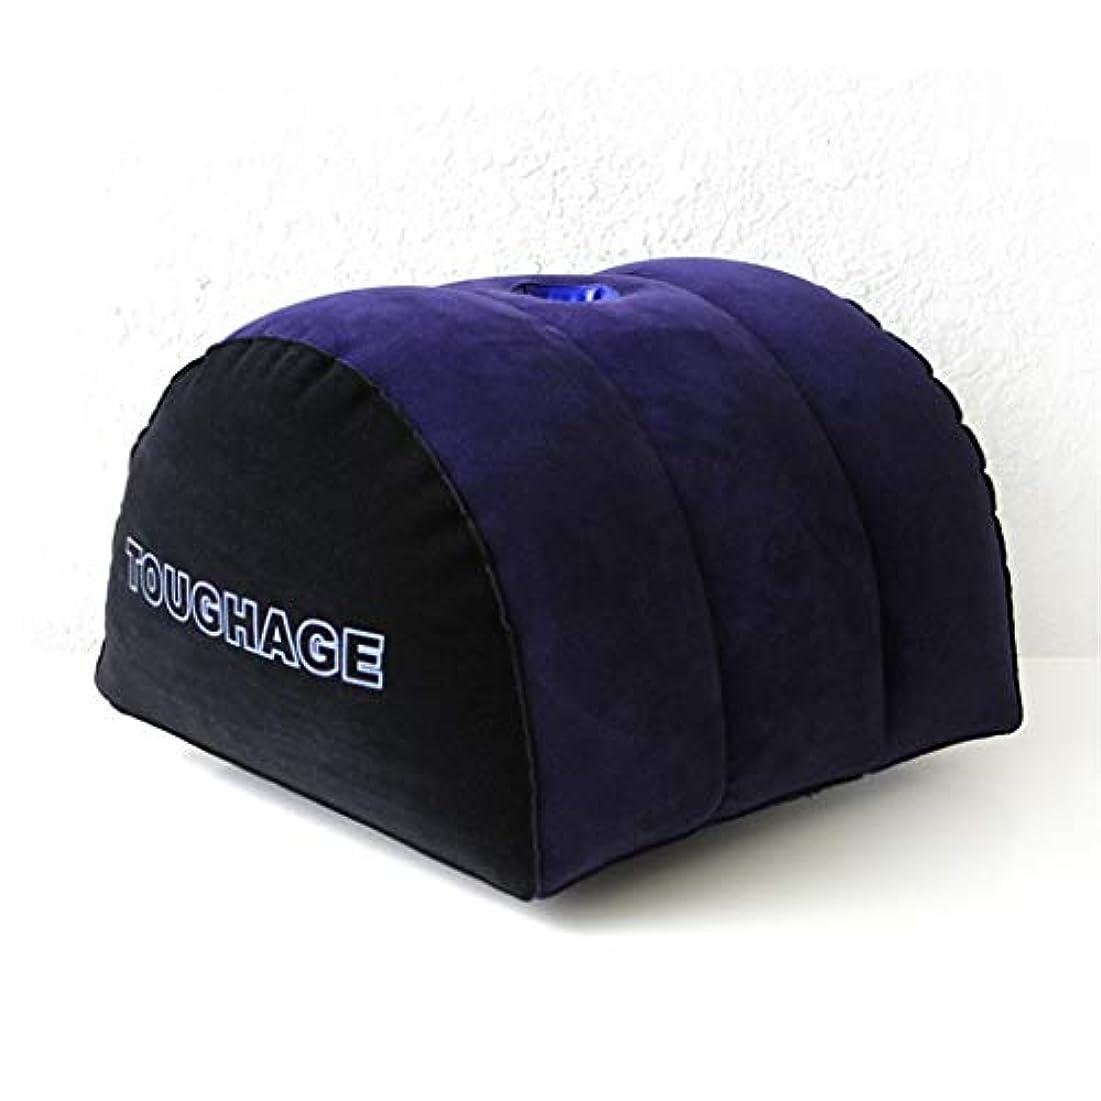 申請中管理しますチチカカ湖XpHealth インフレータブルロングボディ枕腰椎枕脚枕ヨガ枕位置サポート枕女性と男性のための多機能クッション家具